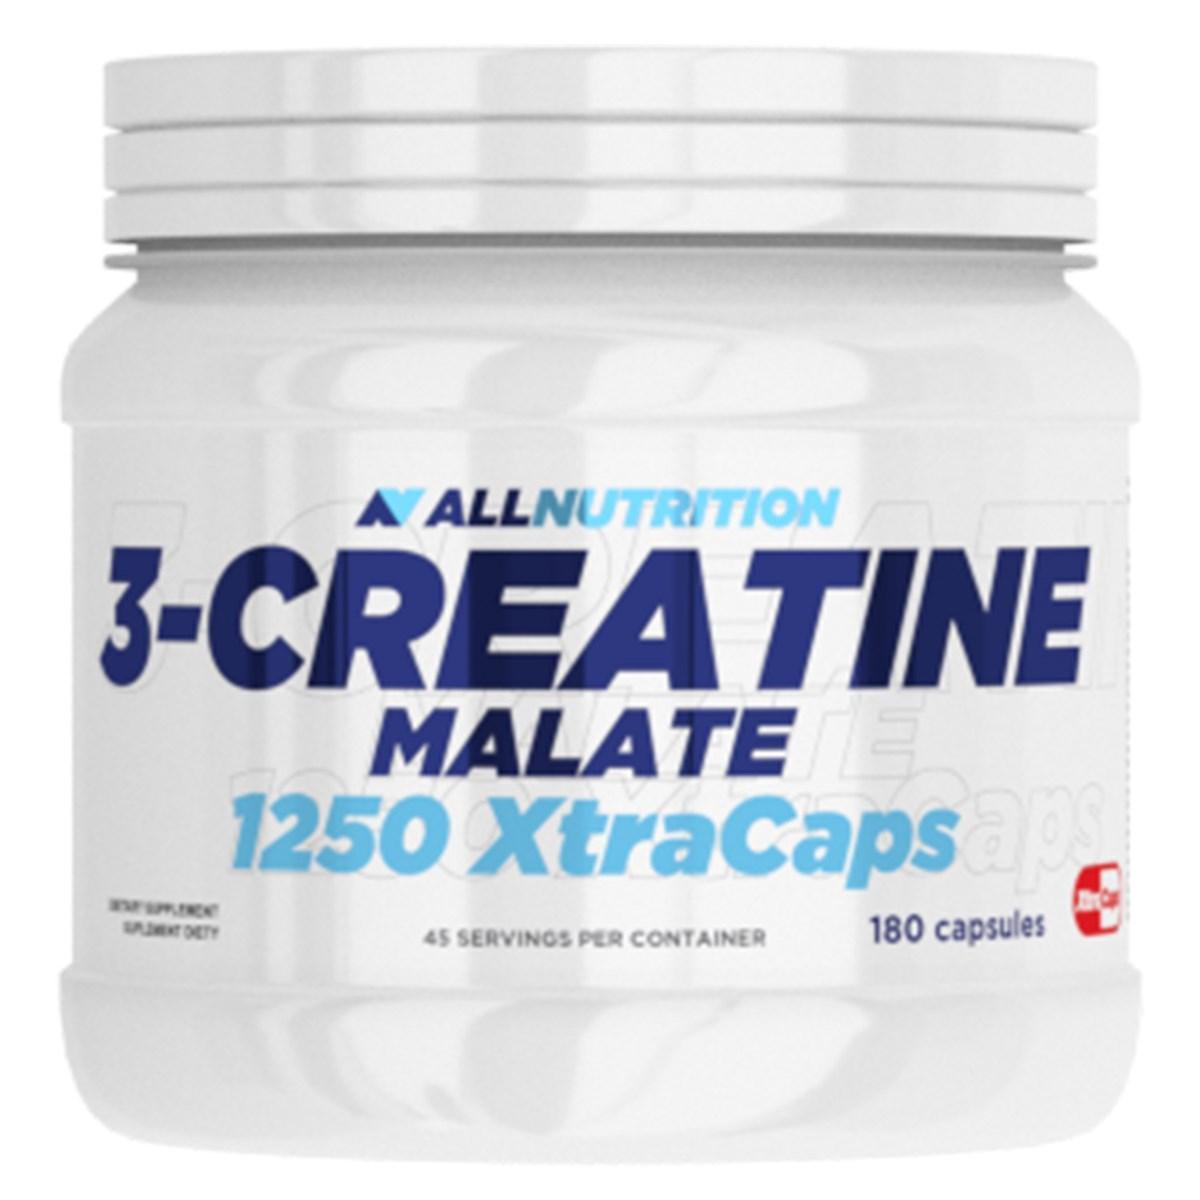 Три креатин малат AllNutrition 3-Creatine Malate 1250 Xtra Caps - 180 caps алл нутришн